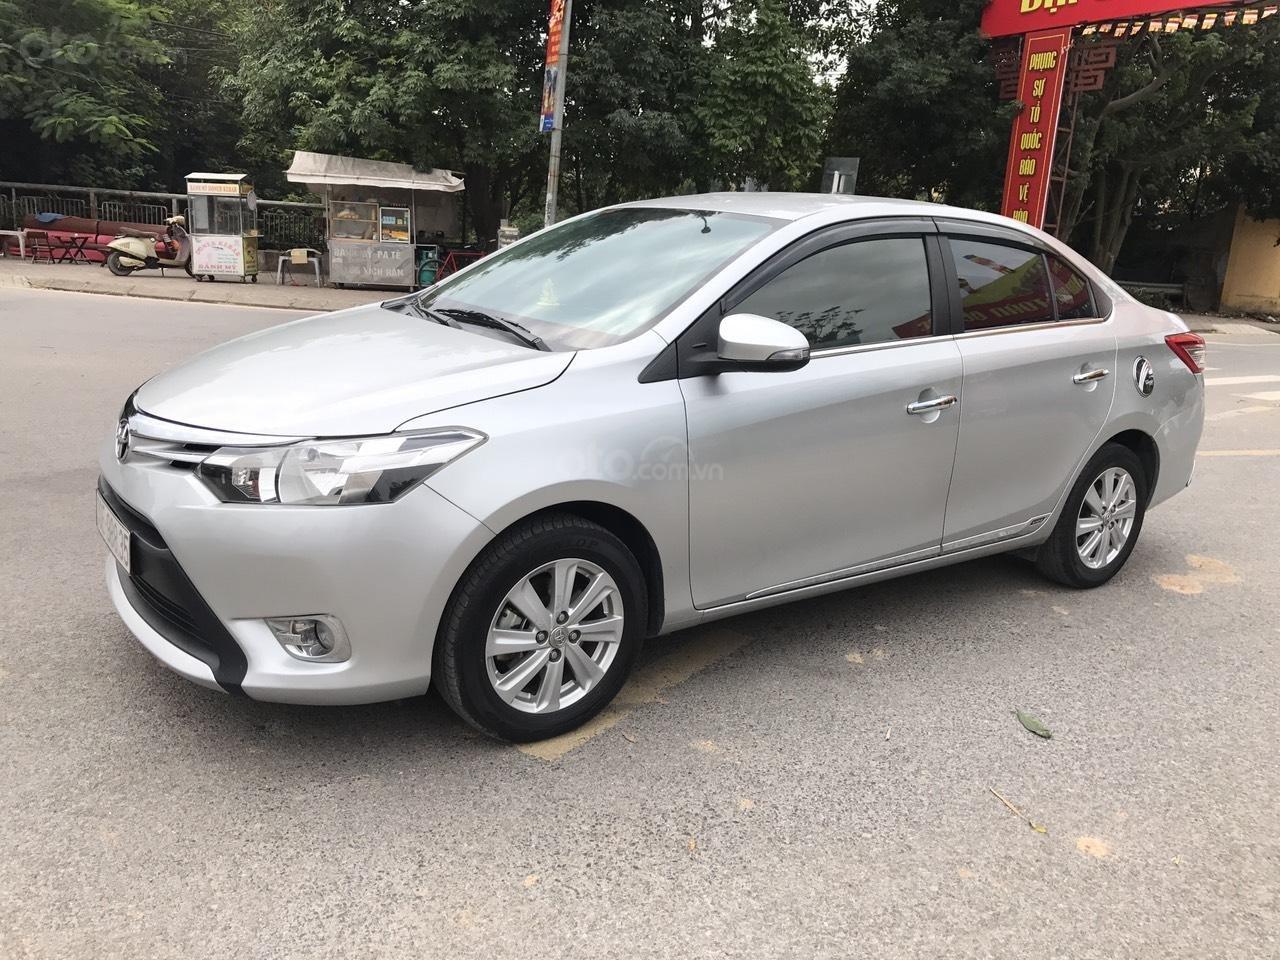 Bán xe Toyota Vios 1.5E CVT 2017, màu bạc, 1 chủ không lỗi nhỏ, xe mới cứng (2)